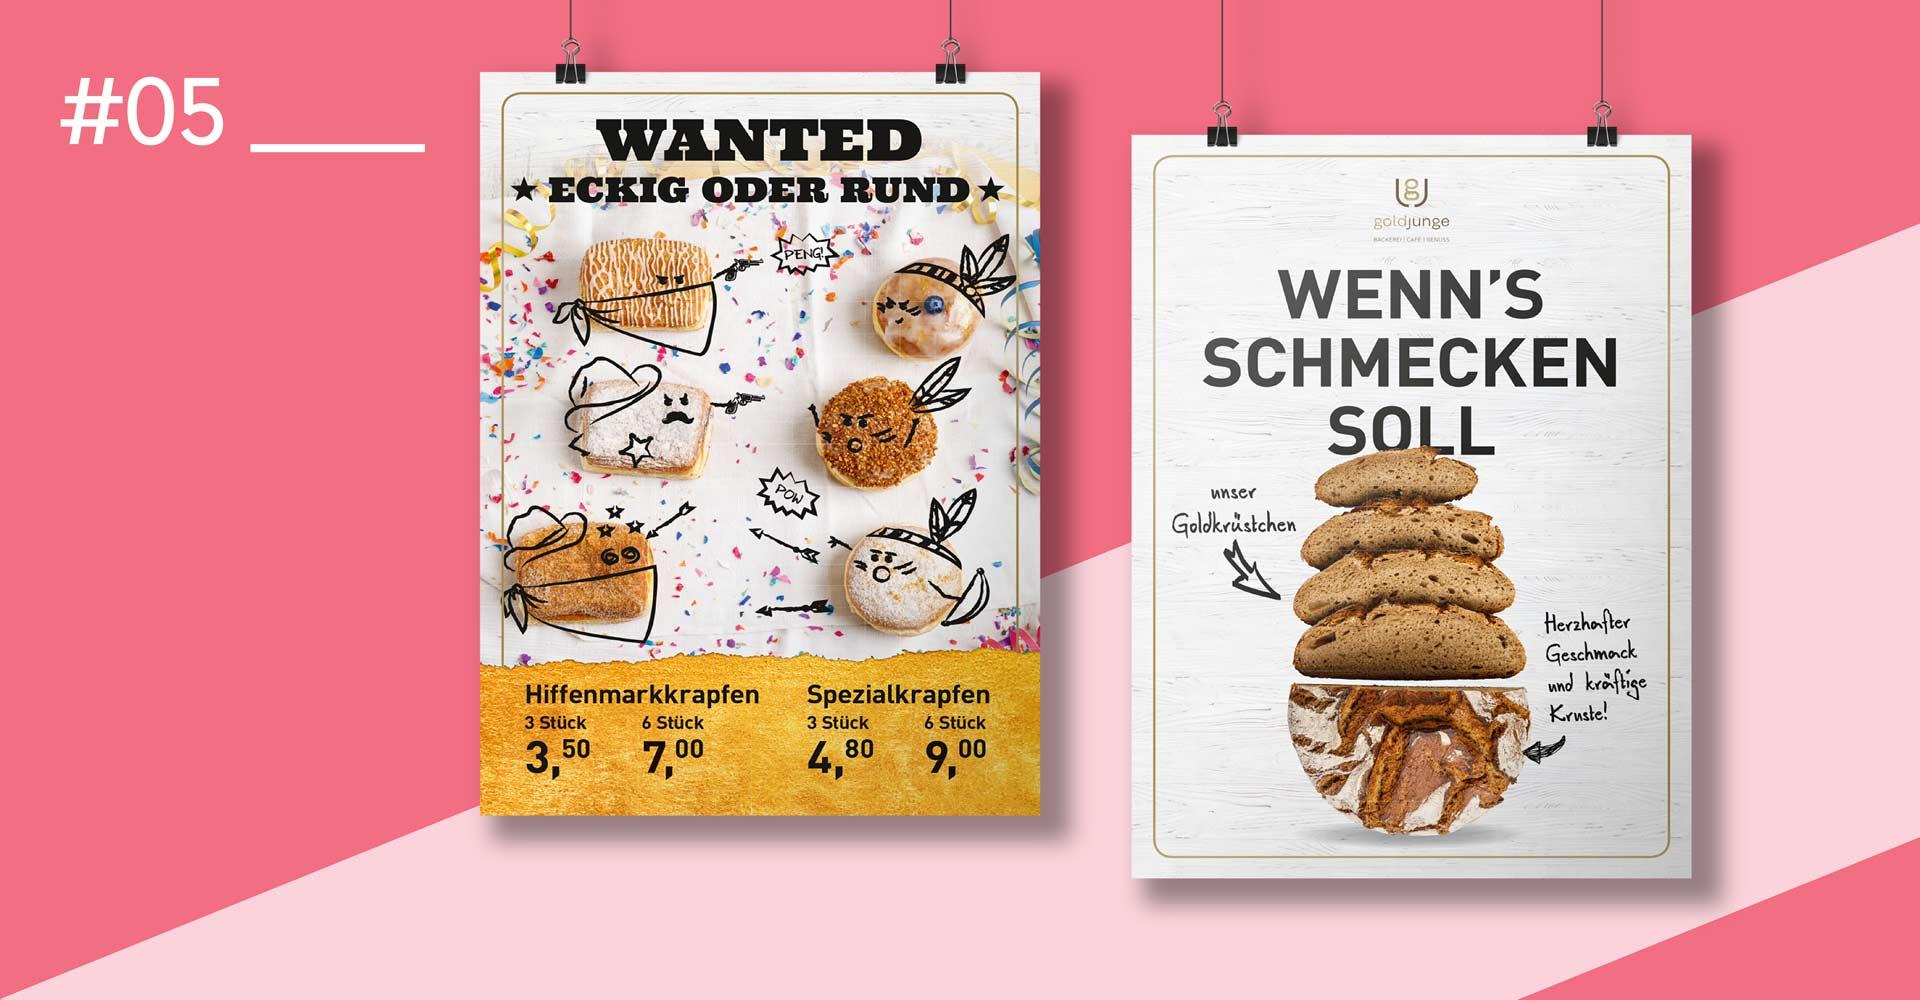 OPUS Marketing / Food & Beverage / Plakat goldjunge